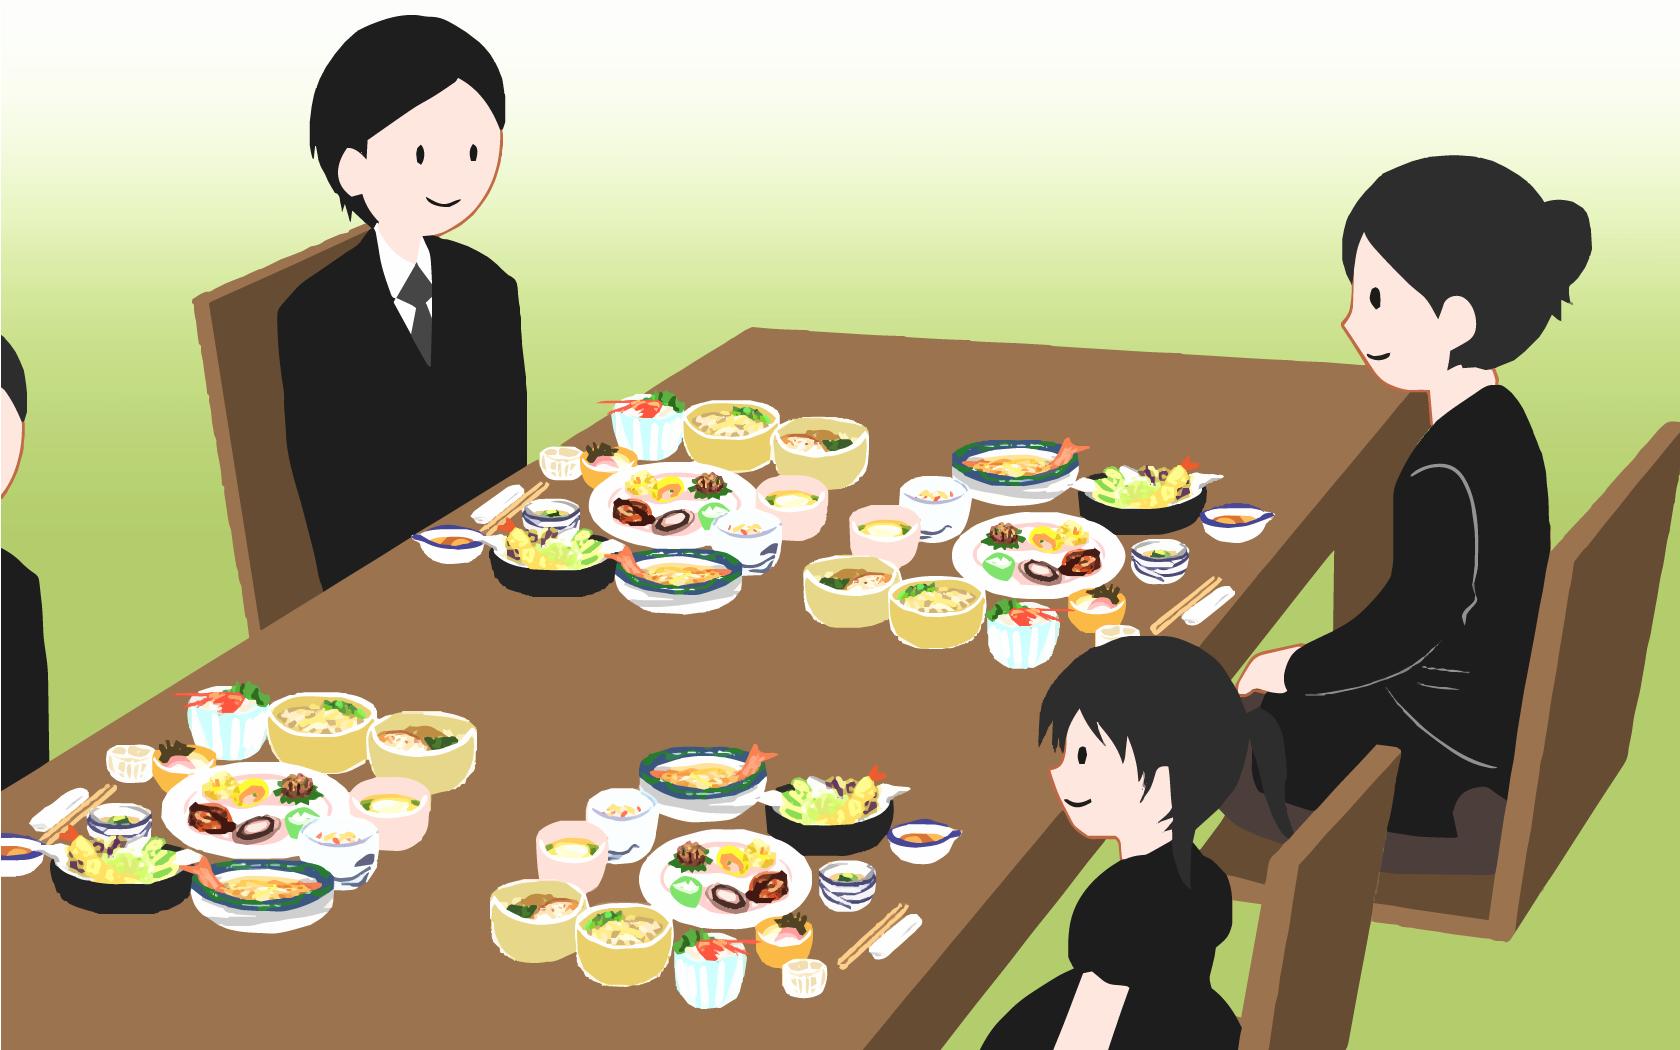 現代では本来四十九日で食べるべき精進落としの料理を、初七日でショートカットして食べている状態